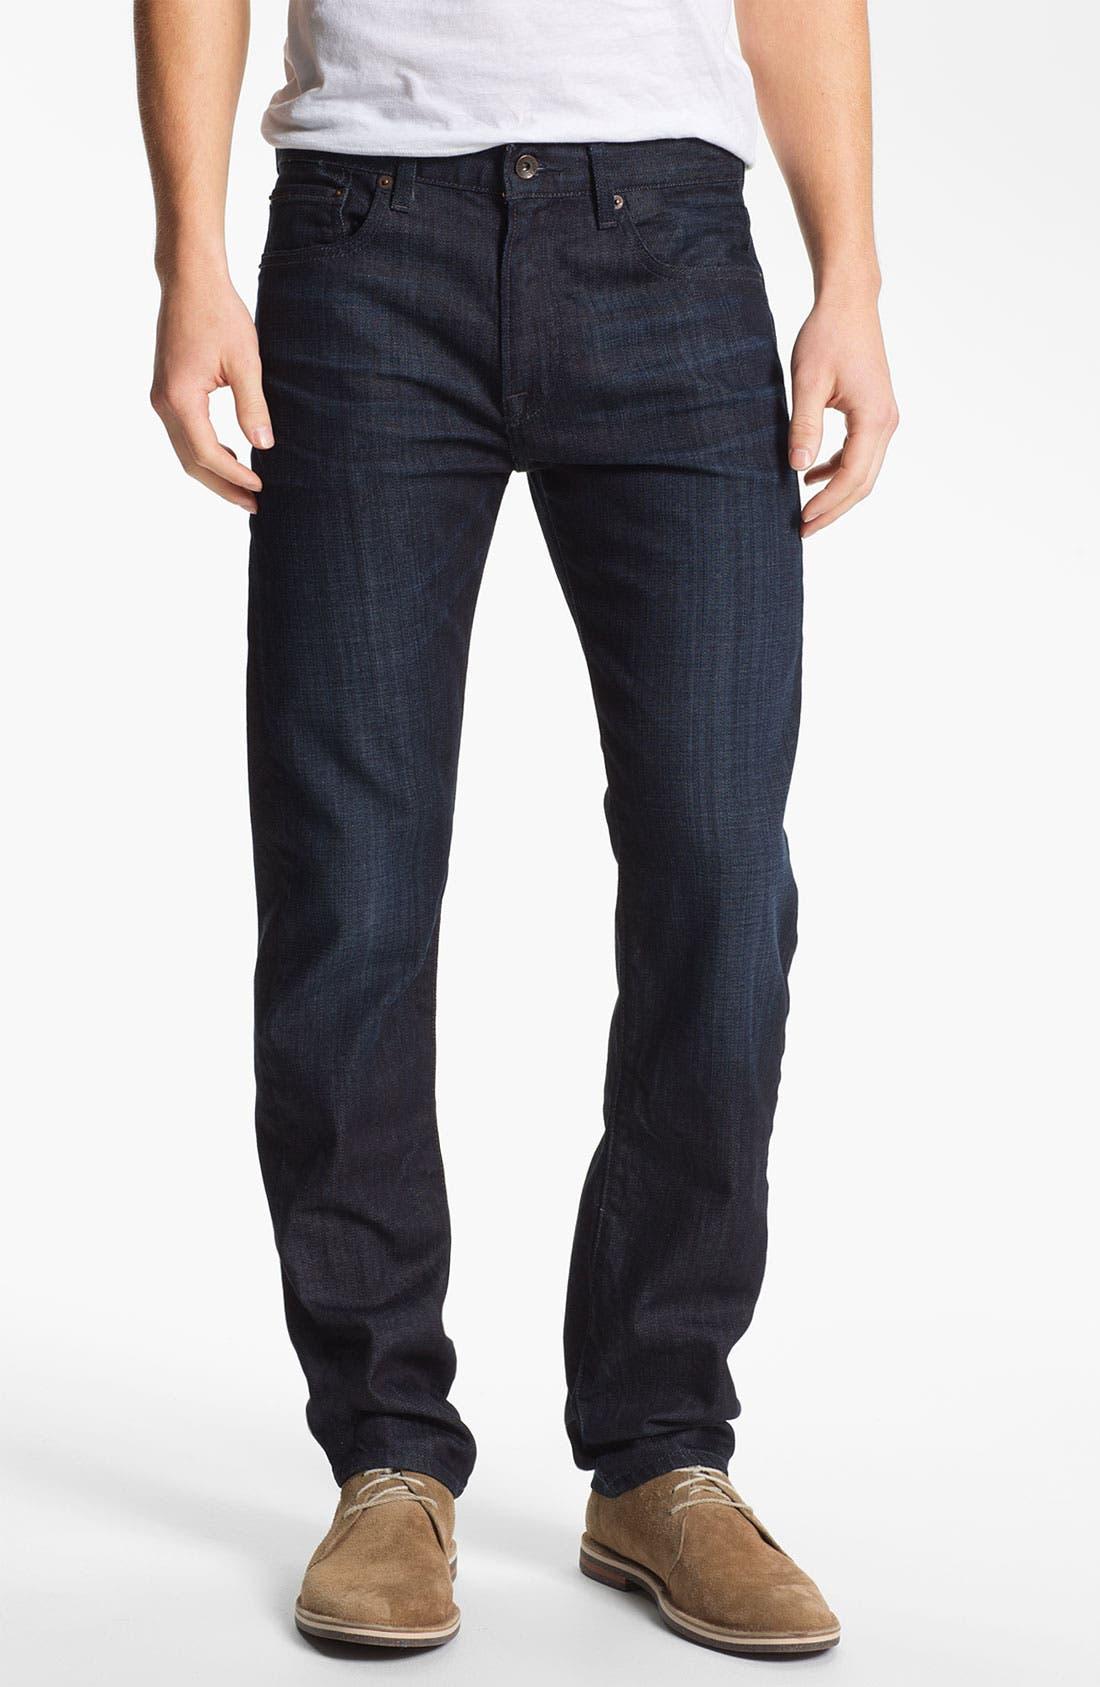 Alternate Image 1 Selected - Lucky Brand 'Dean' Straight Leg Jeans (Dark Kingston) (Online Only)